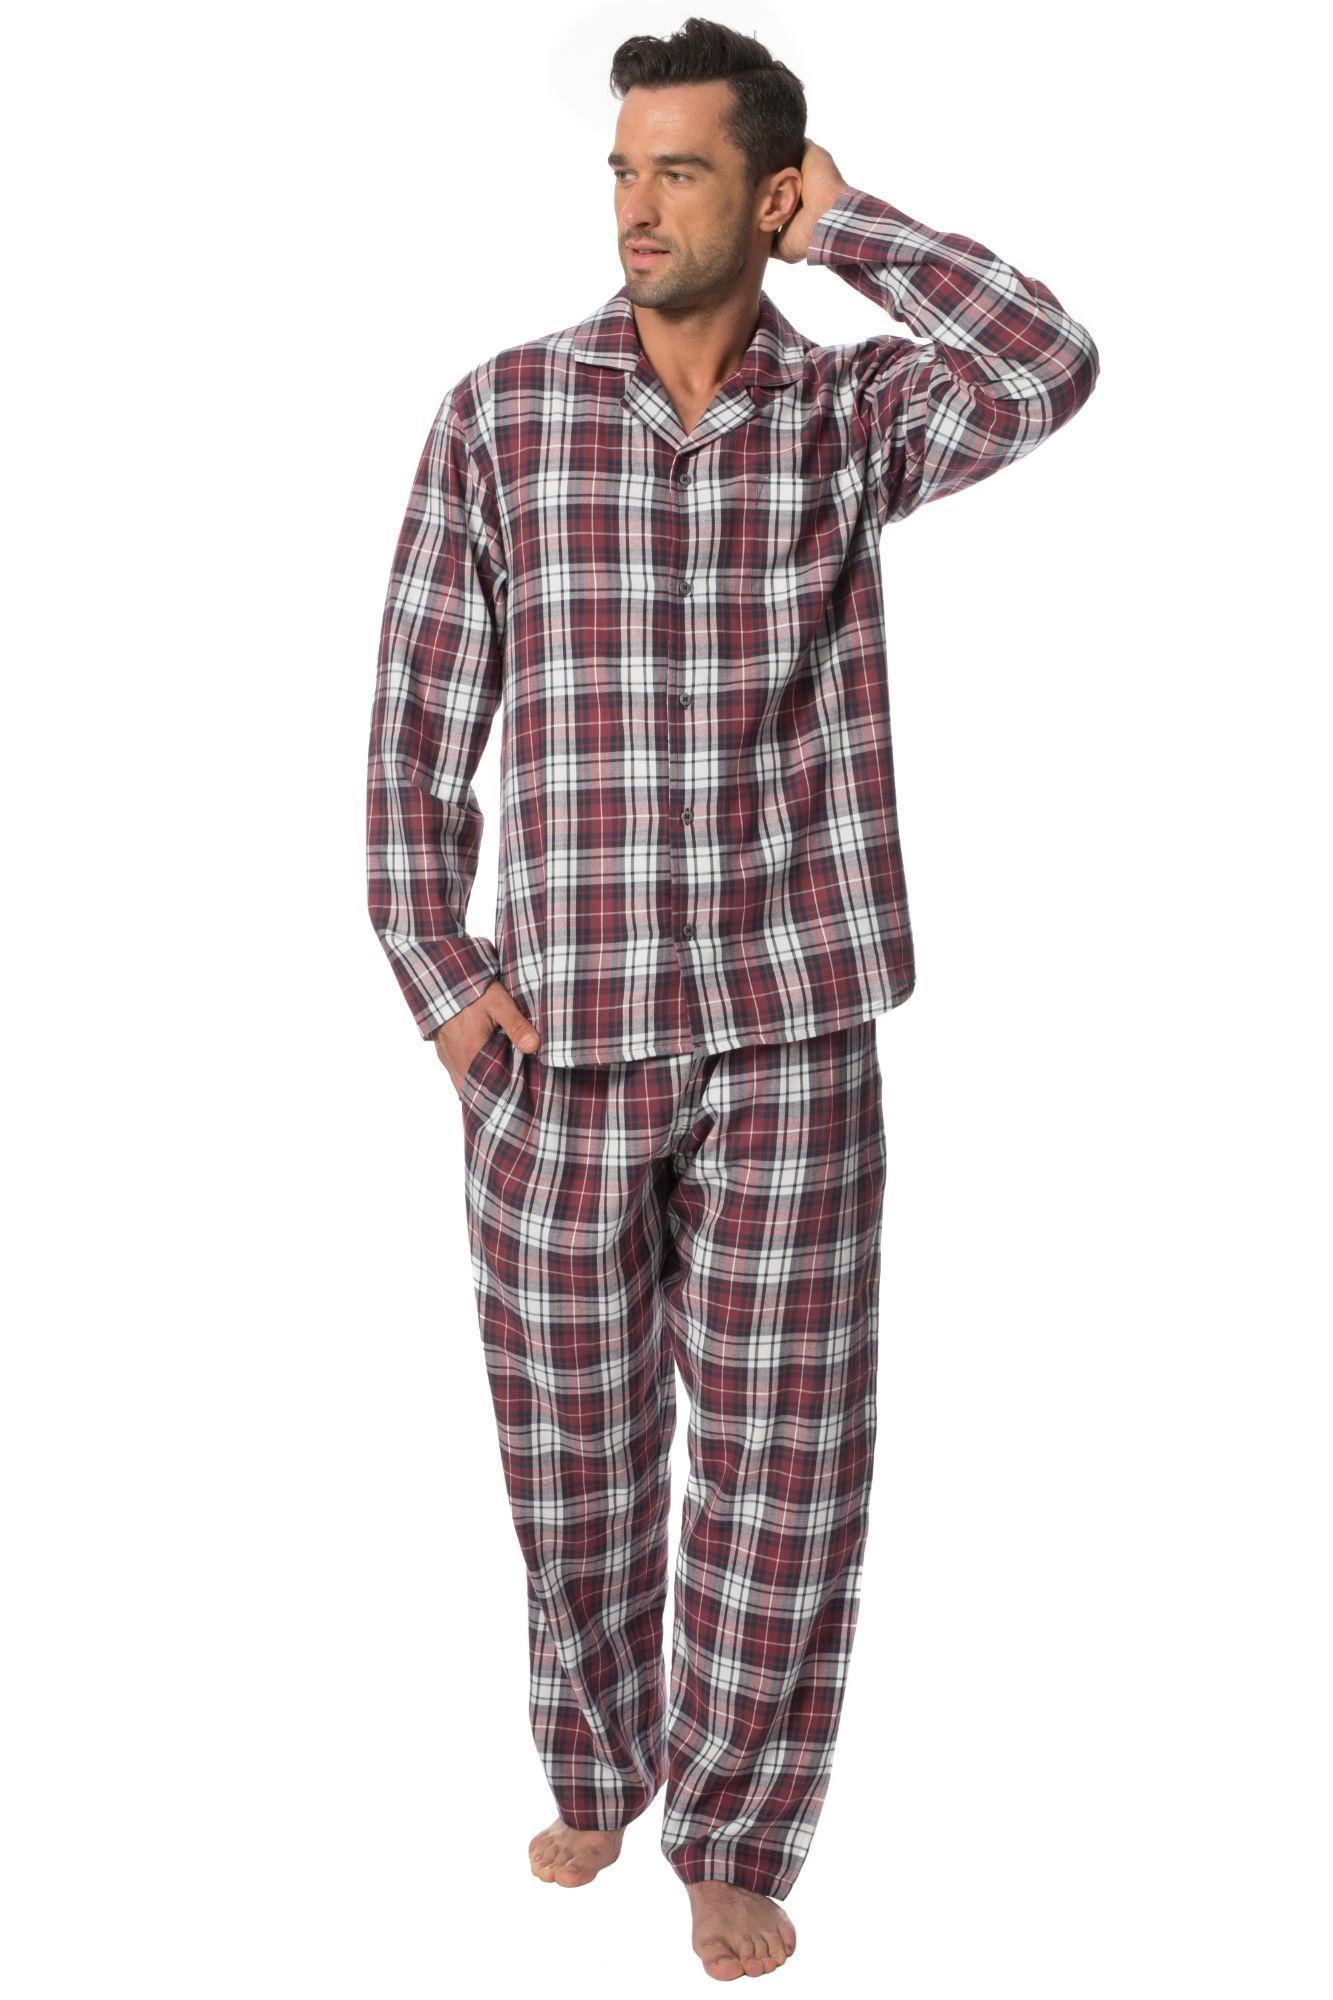 3fca6be24333 Pánské flanelové pyžamo Sammy vínové káro - ELEGANT.cz